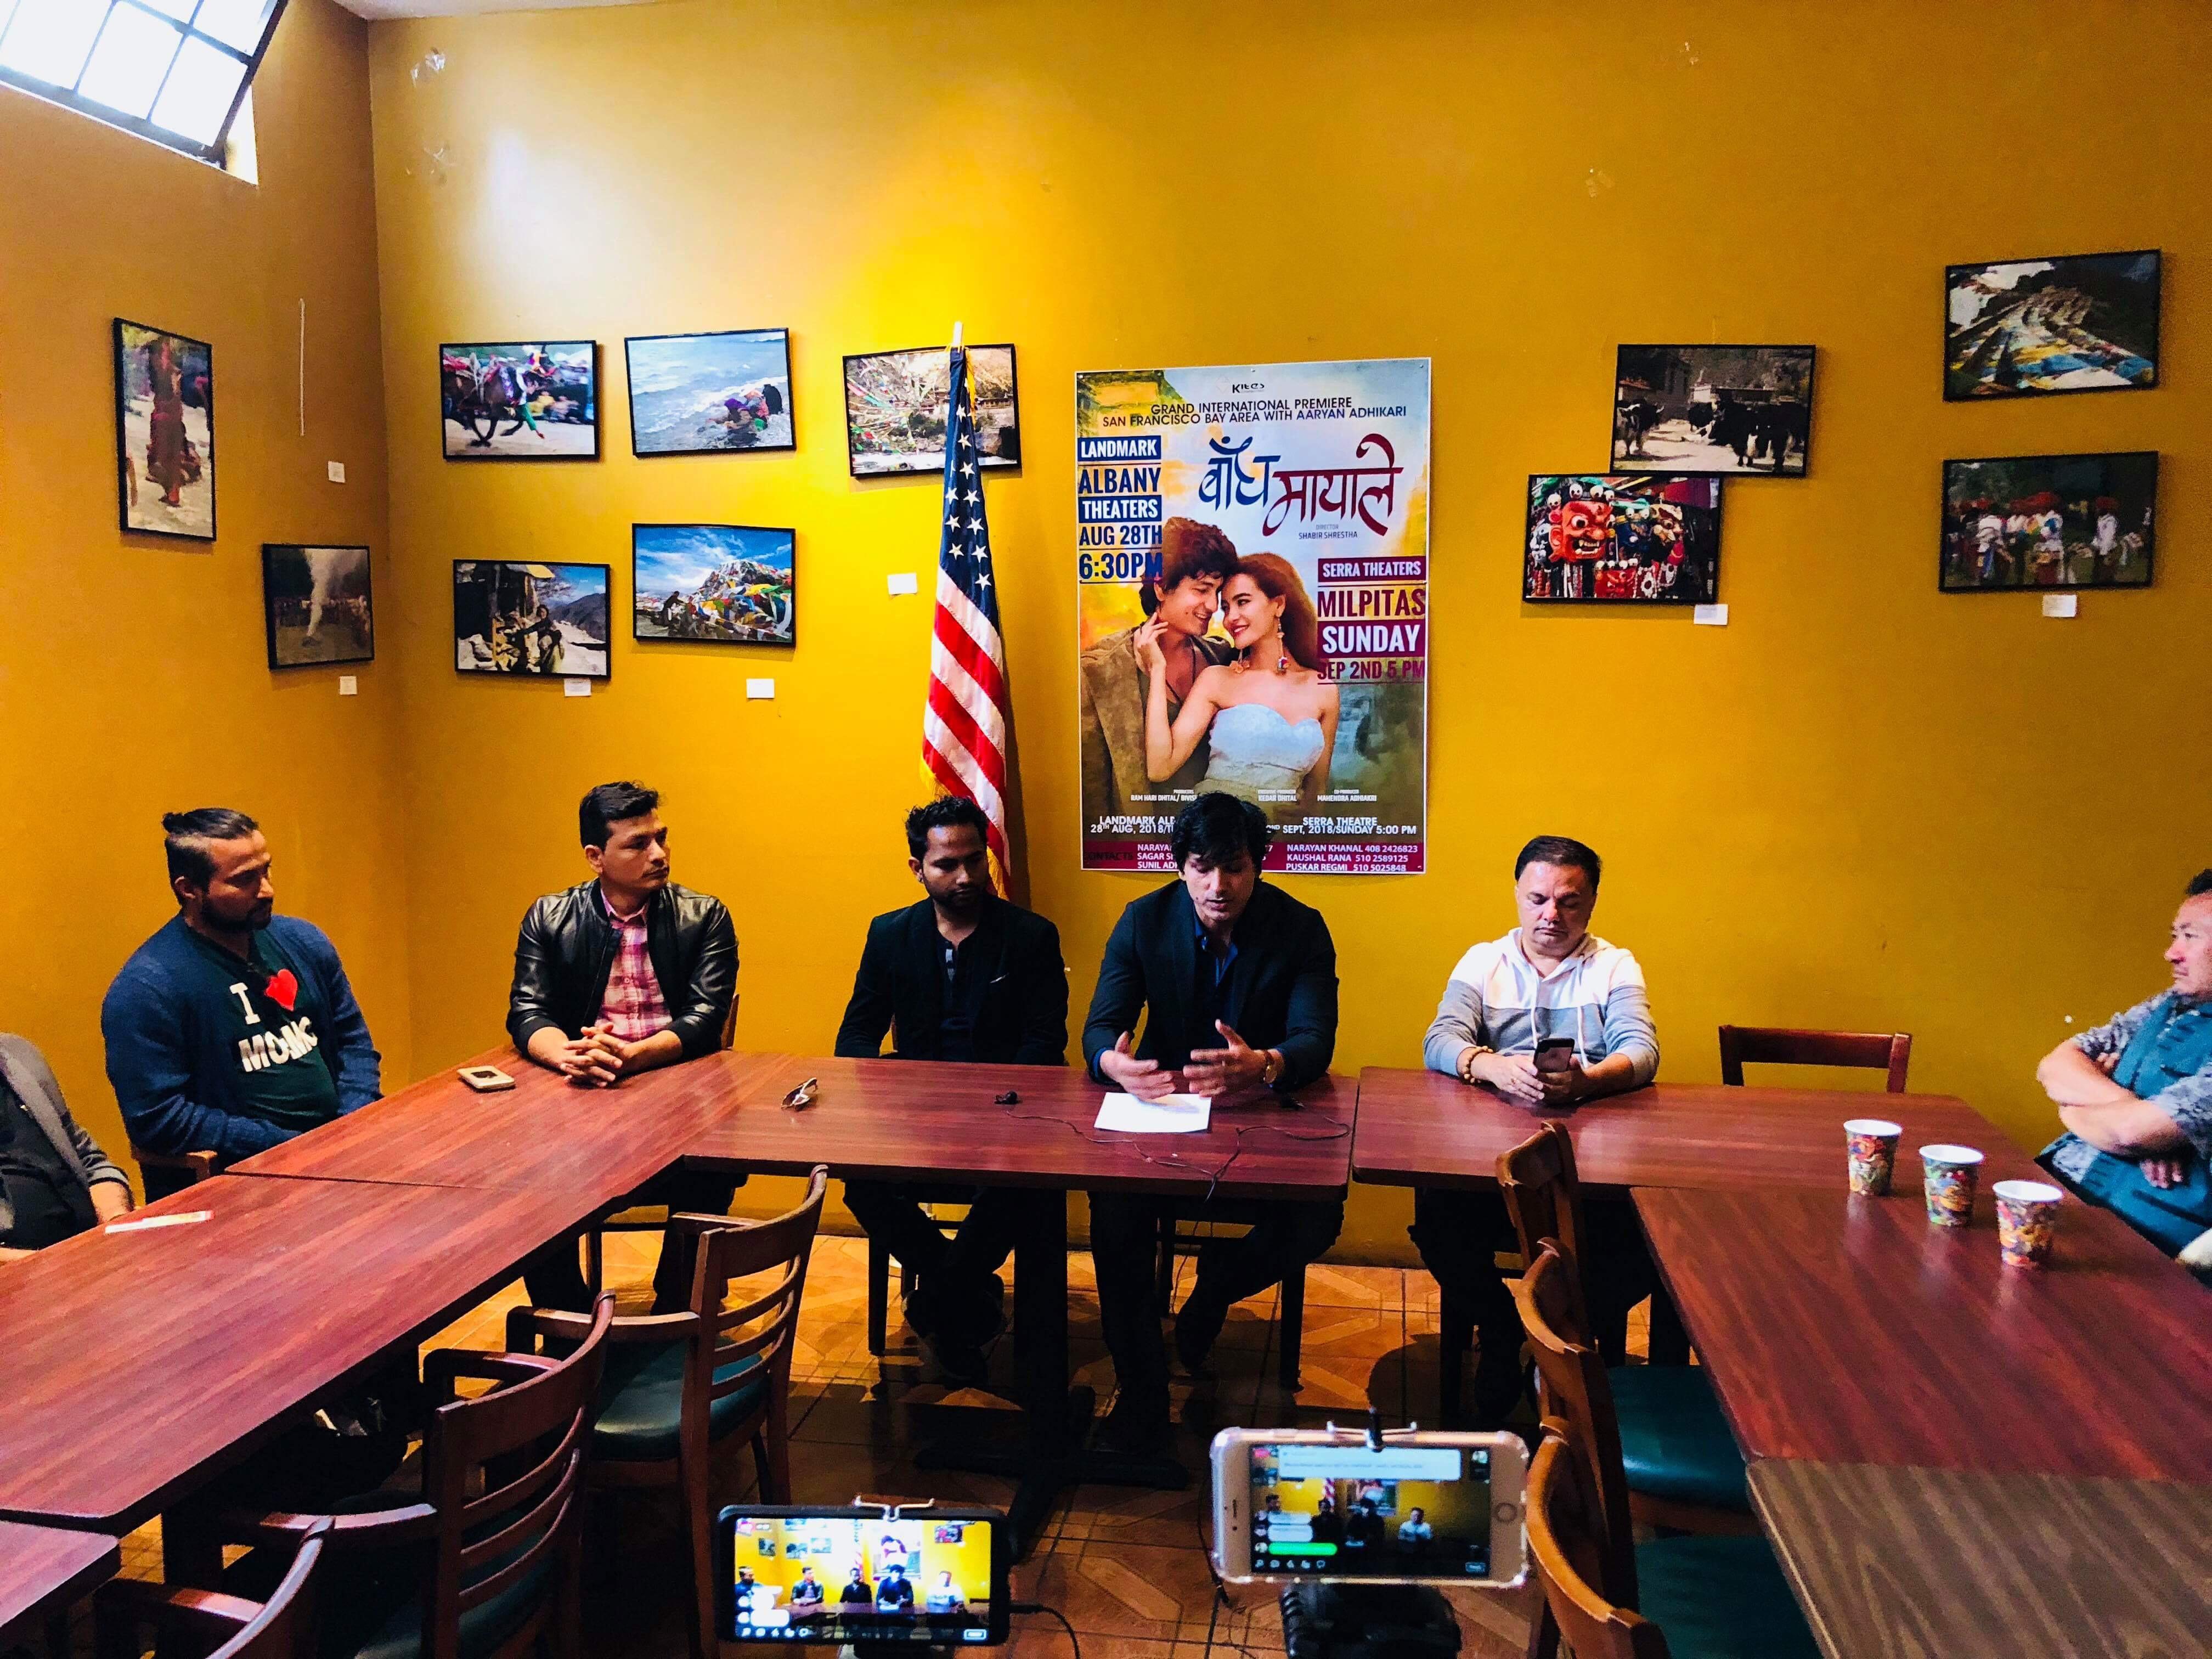 'बाँध मायाले' चलचित्रको सान-फ्रान्सिस्कोमा प्रिमियर शो हुने